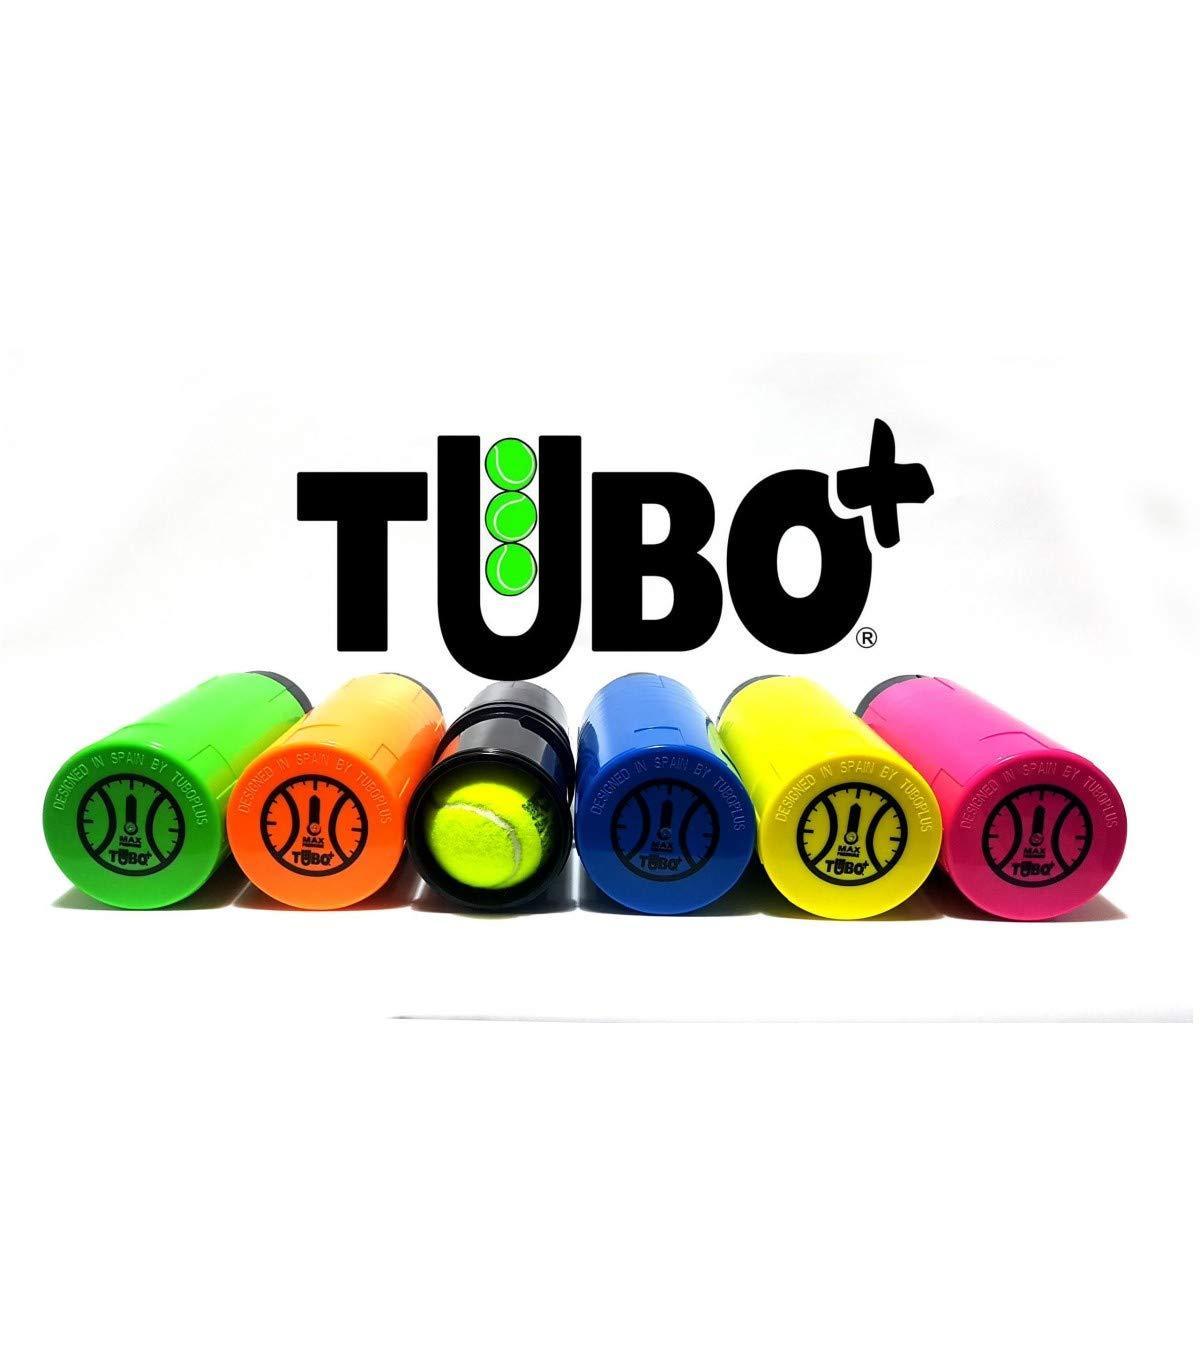 TUBOPLUS presurizador pelotas padel y tenis + Bote de pelotas HEAD PADEL PRO S + Protector ZRZ a elegir: Amazon.es: Deportes y aire libre